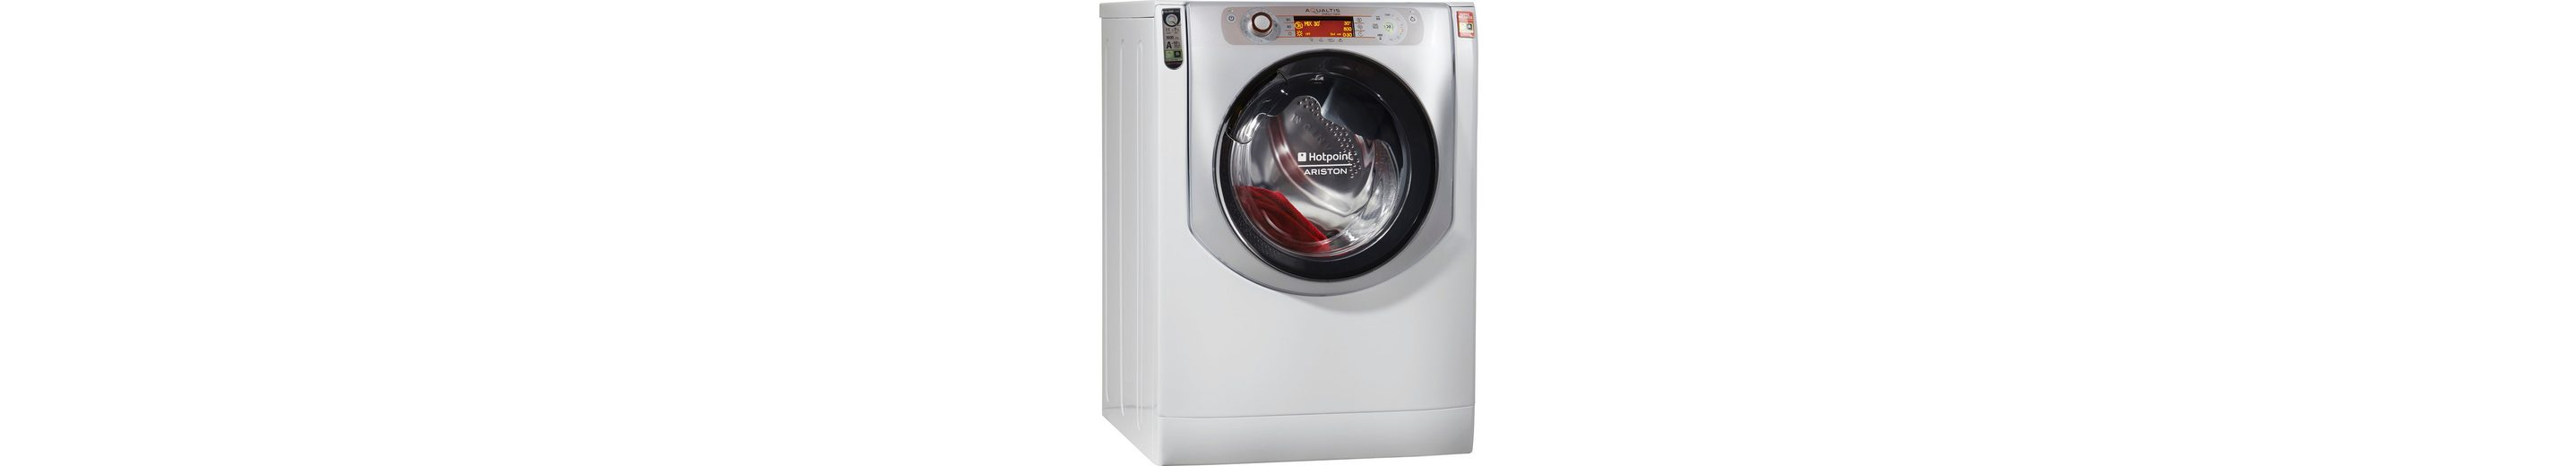 Hotpoint Waschtrockner AQD1171D 697ID EU/A, A, 11 kg / 7 kg, 1600 U/Min